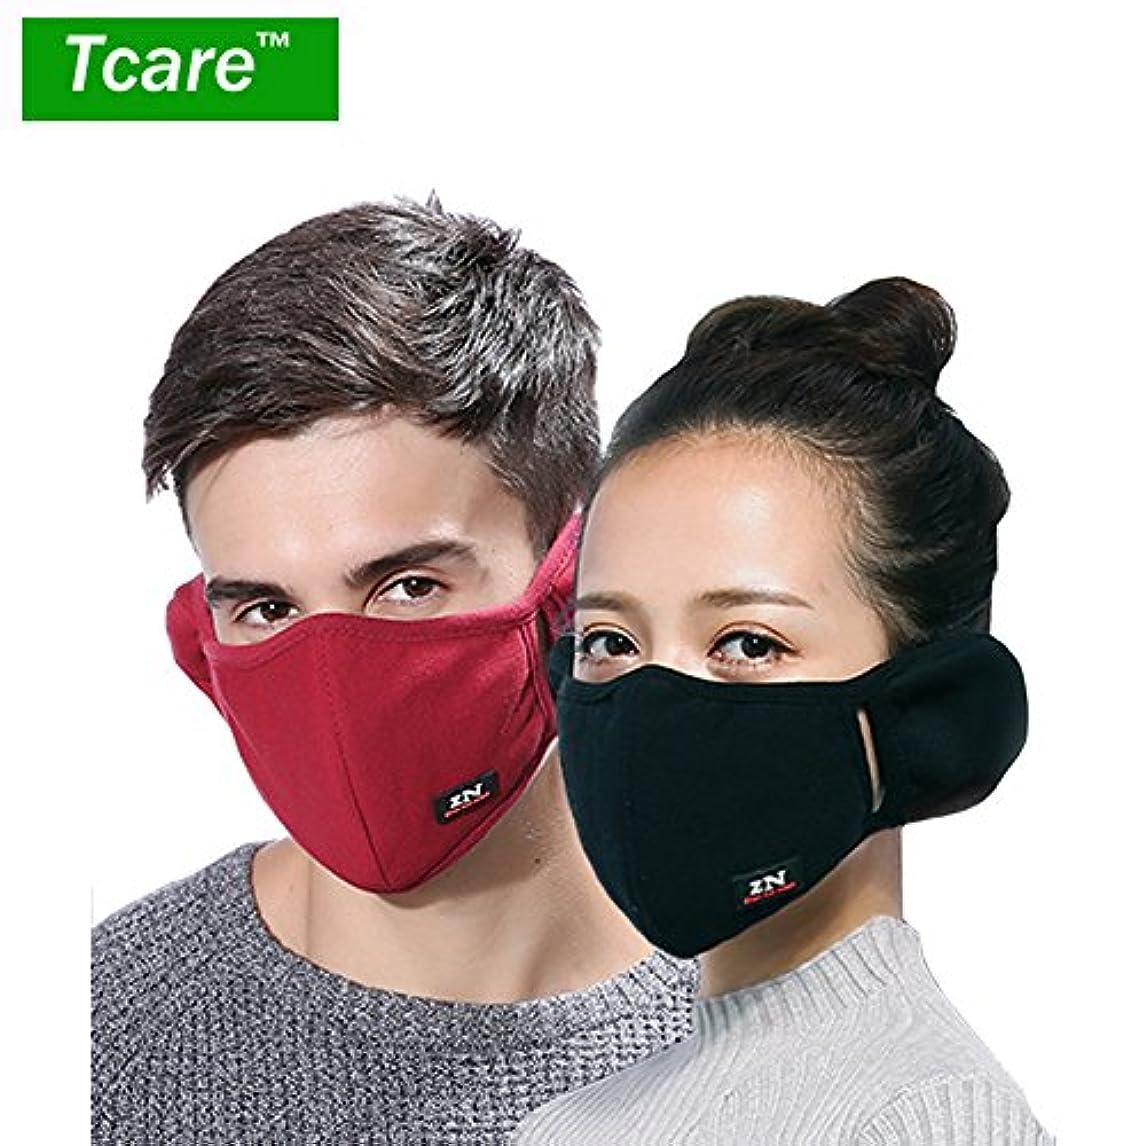 一般シャットエキス男性女性の少年少女のためのTcare呼吸器2レイヤピュアコットン保護フィルター挿入口:9グレー